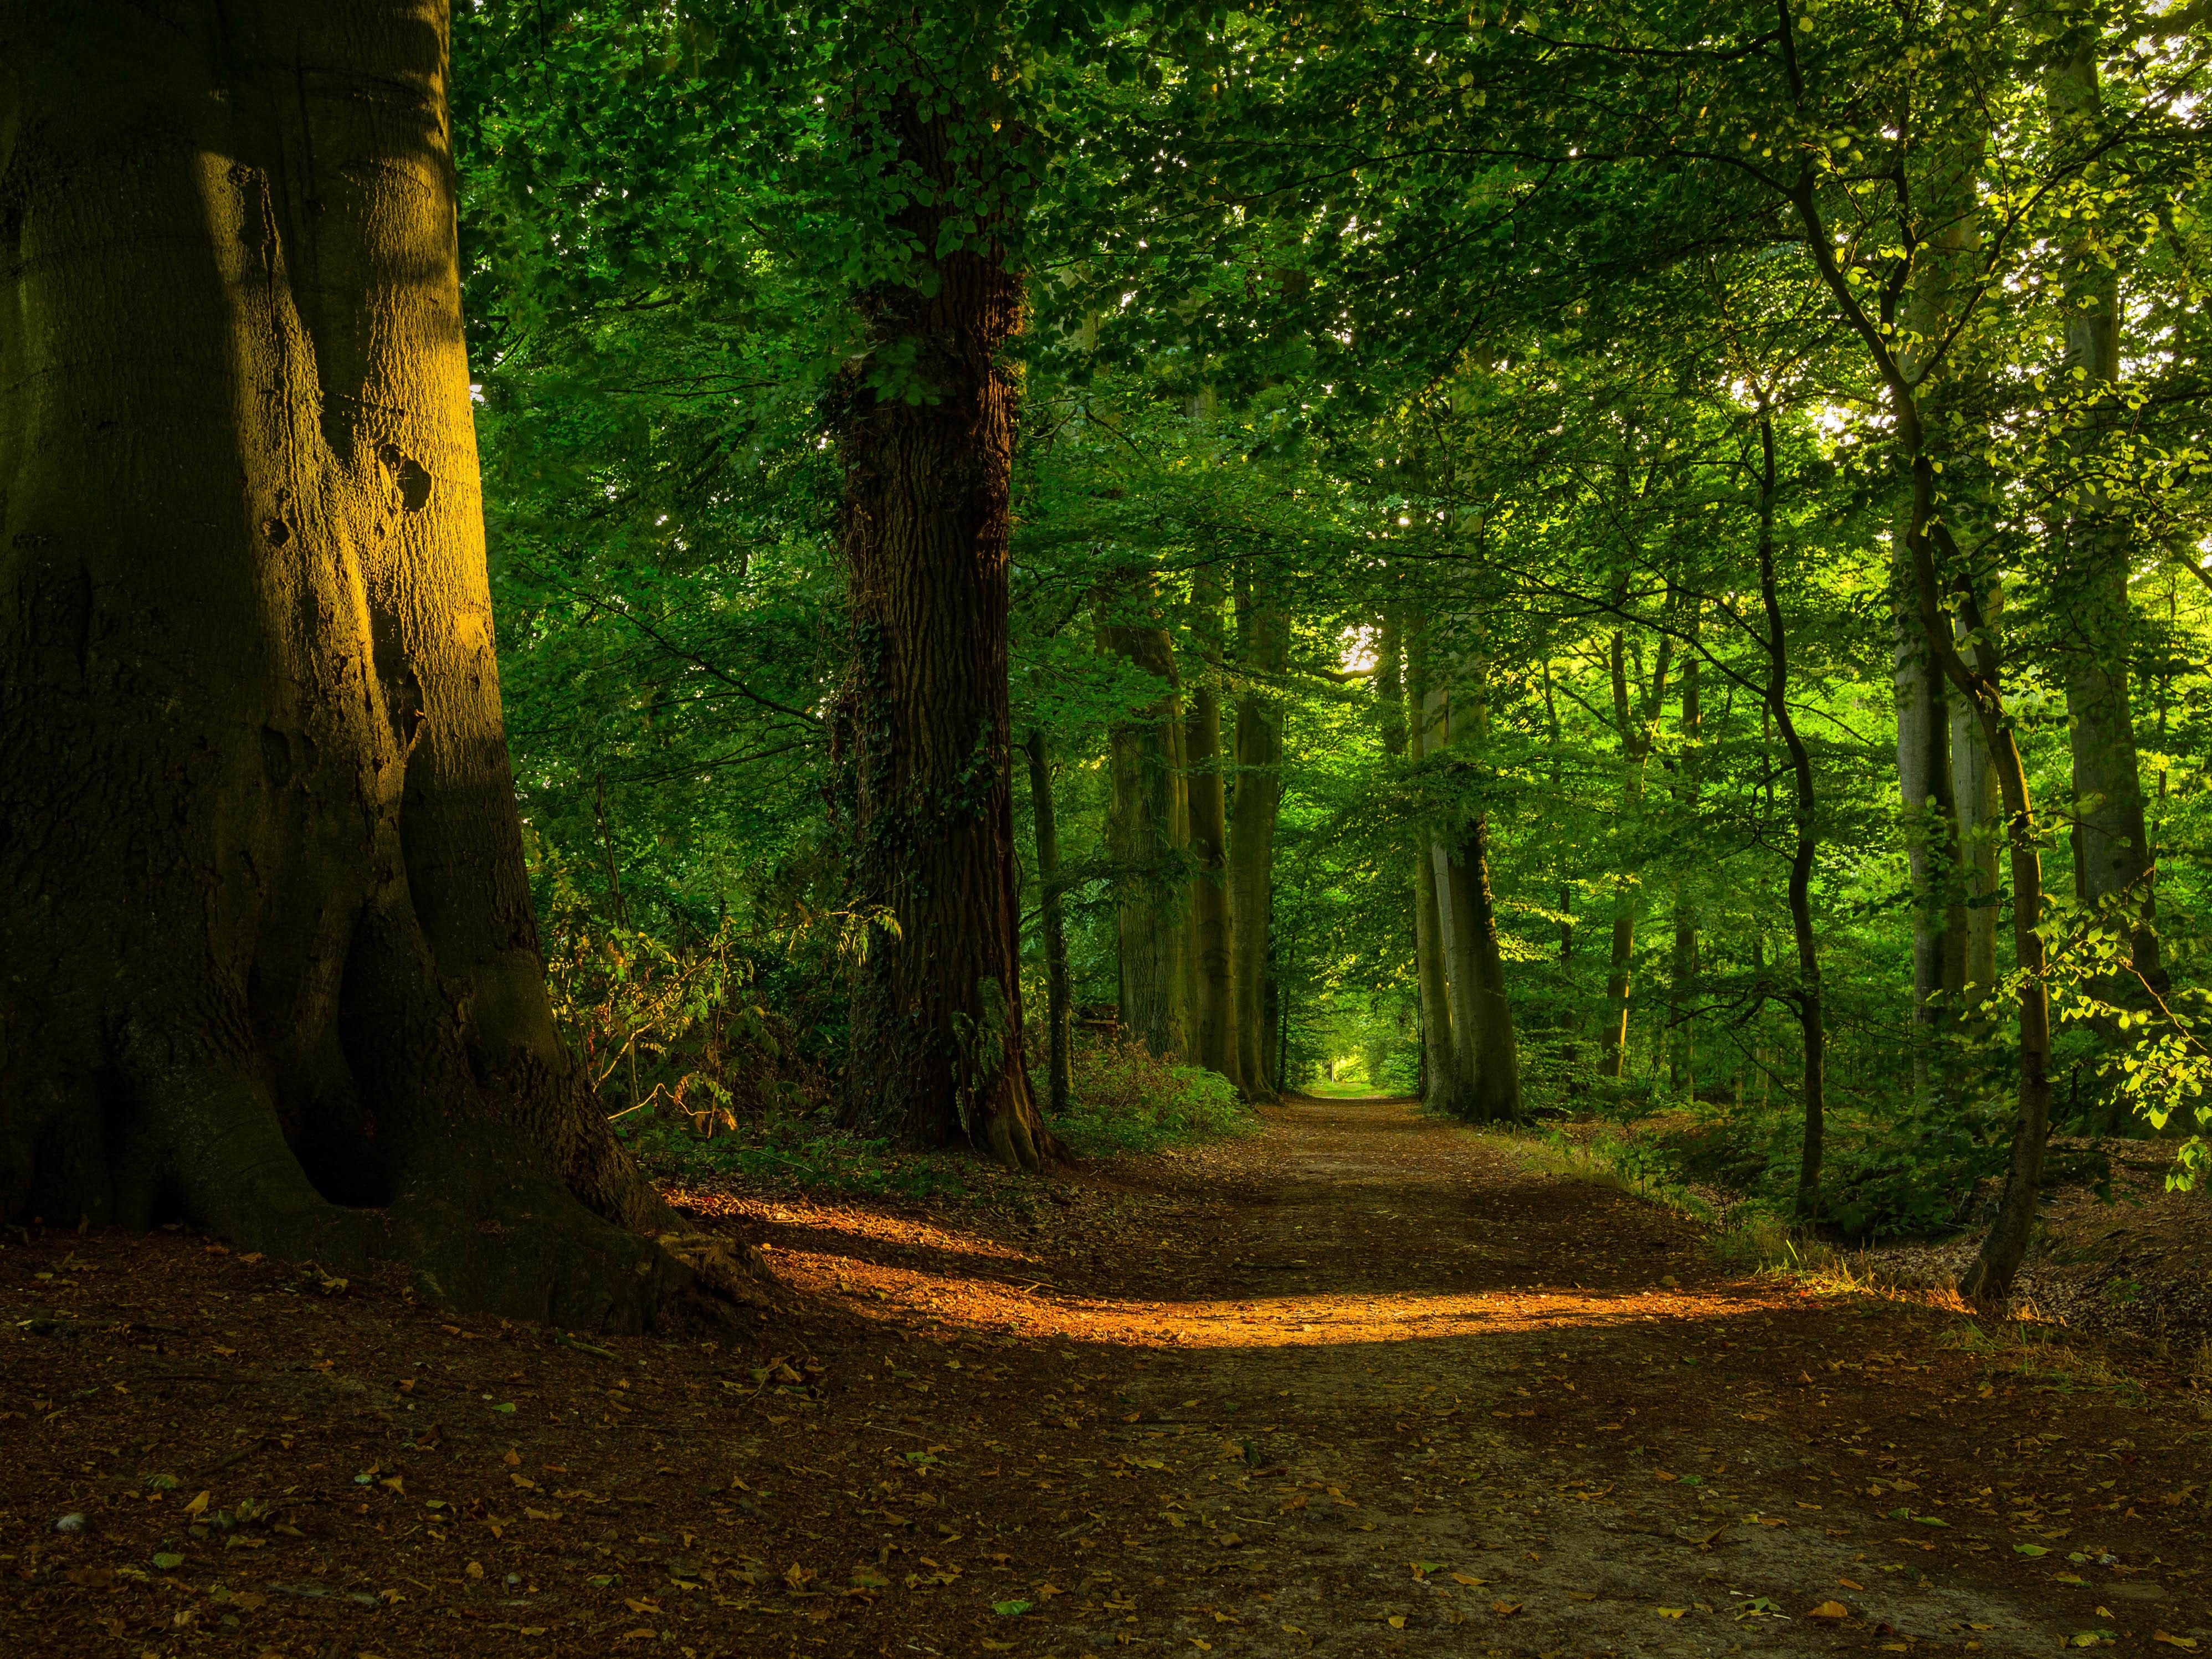 природа деревья лес тропа  № 1206260 бесплатно